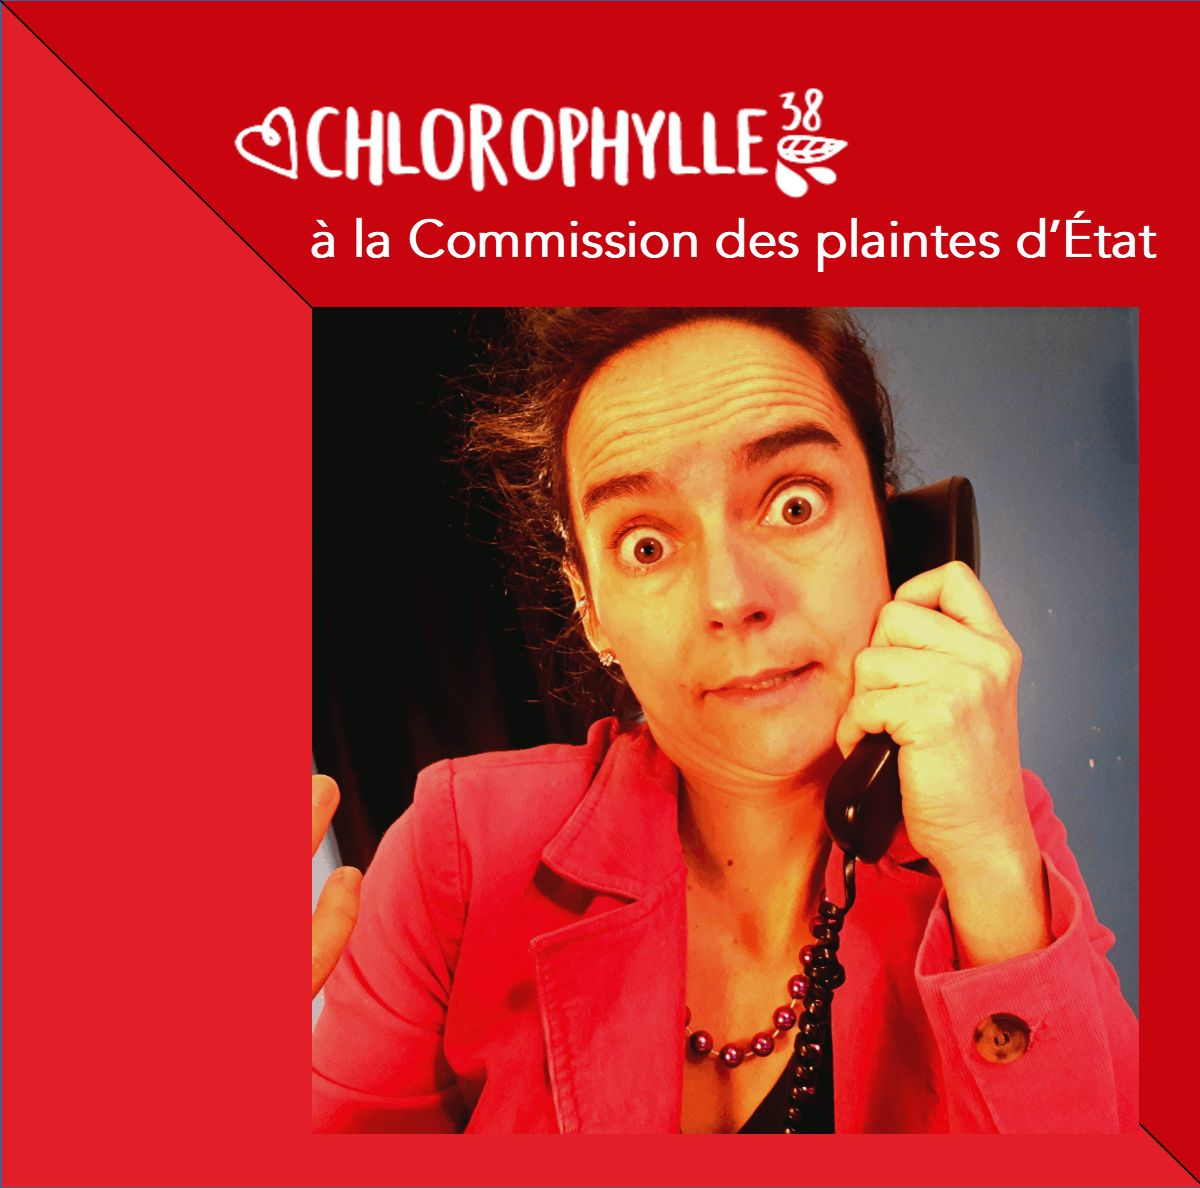 Visuel de Chlorophylle38 à la Commission des plaintes d'État de Jacinthe Laforte